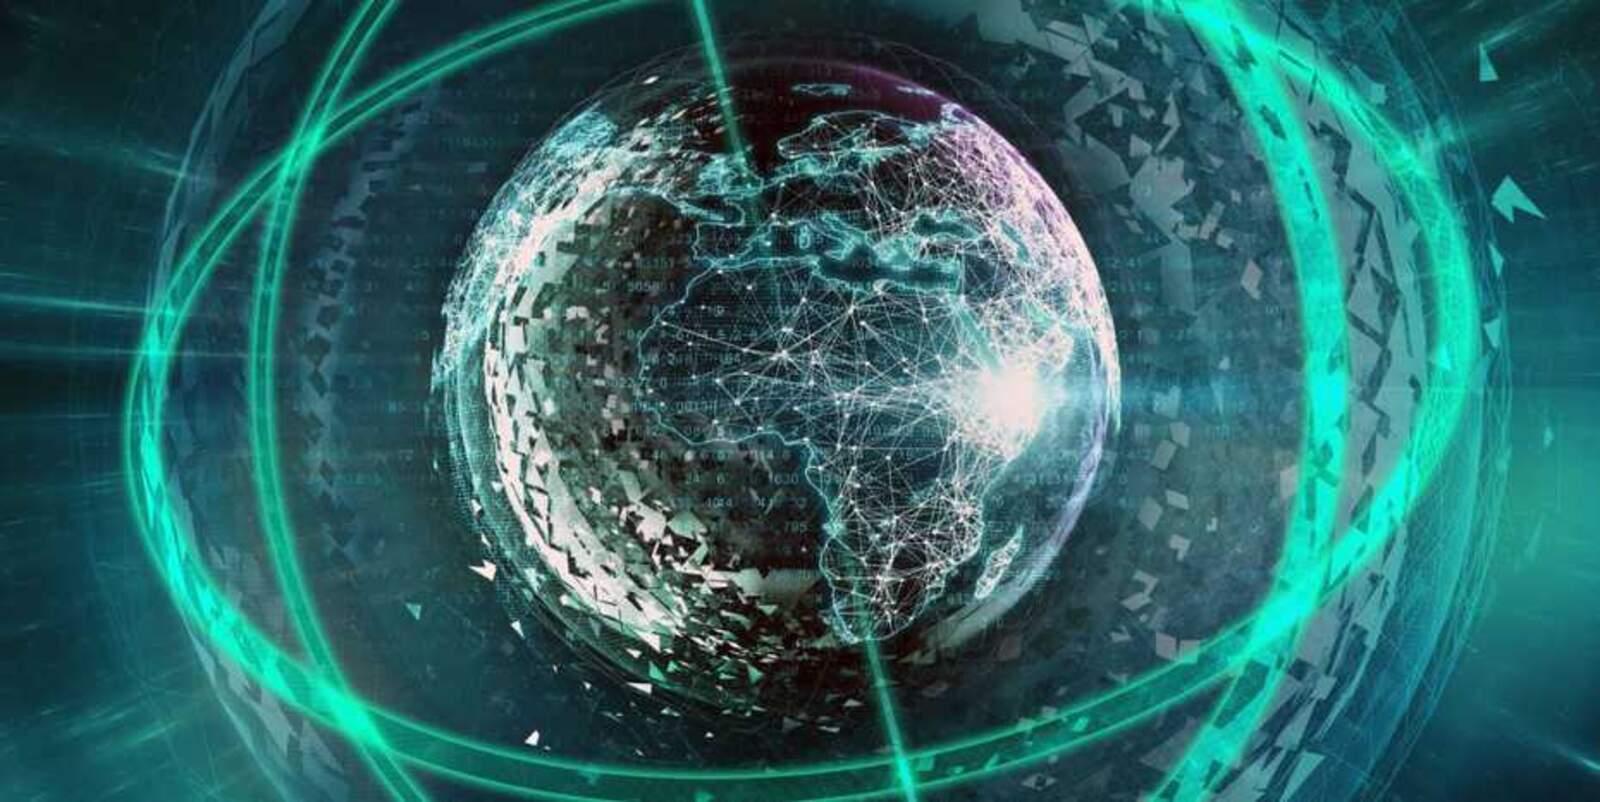 Projecte per crear un bessó digital de la Terra per preveure esdeveniments extrems